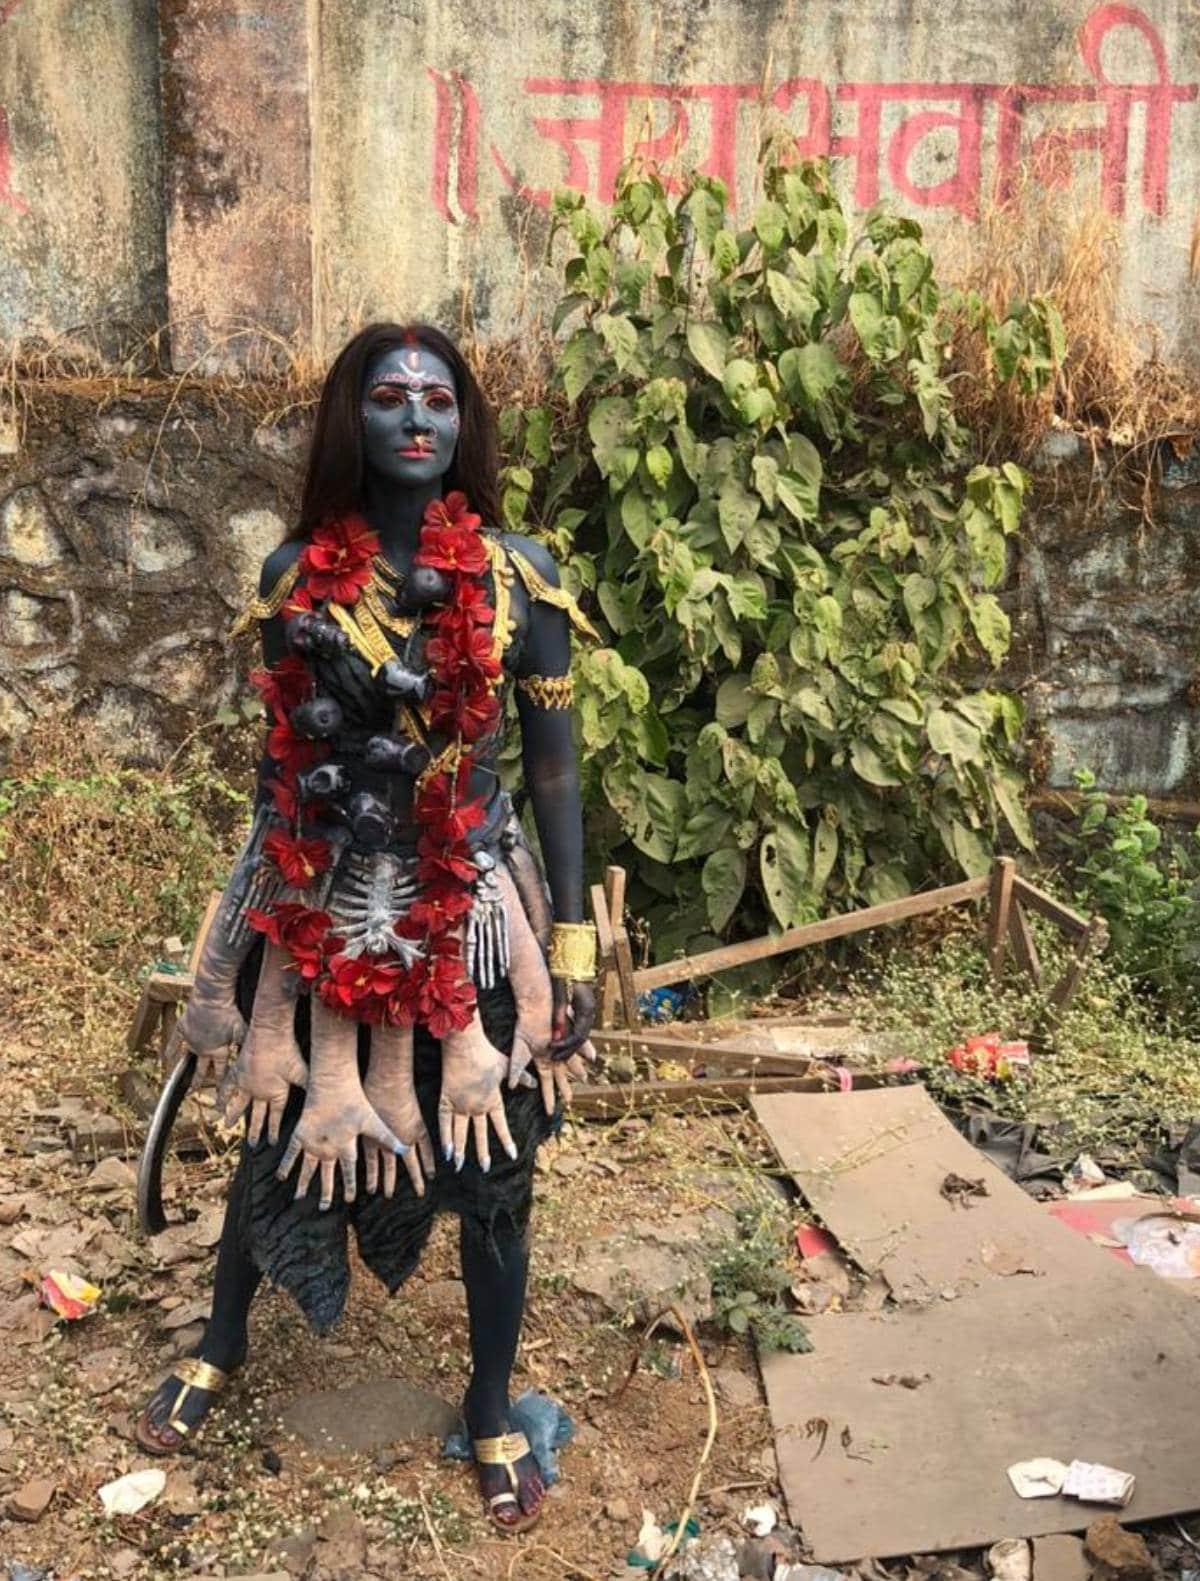 टीवी की इस एक्ट्रेस ने नवरात्रि में लिया देवी मां का अवतार, आपने पहचाना  कौन हैं ये... ? | TV actress rishina Kandhari take avatar of Devi Kaalratri  in Navratri 2020 see photos dv